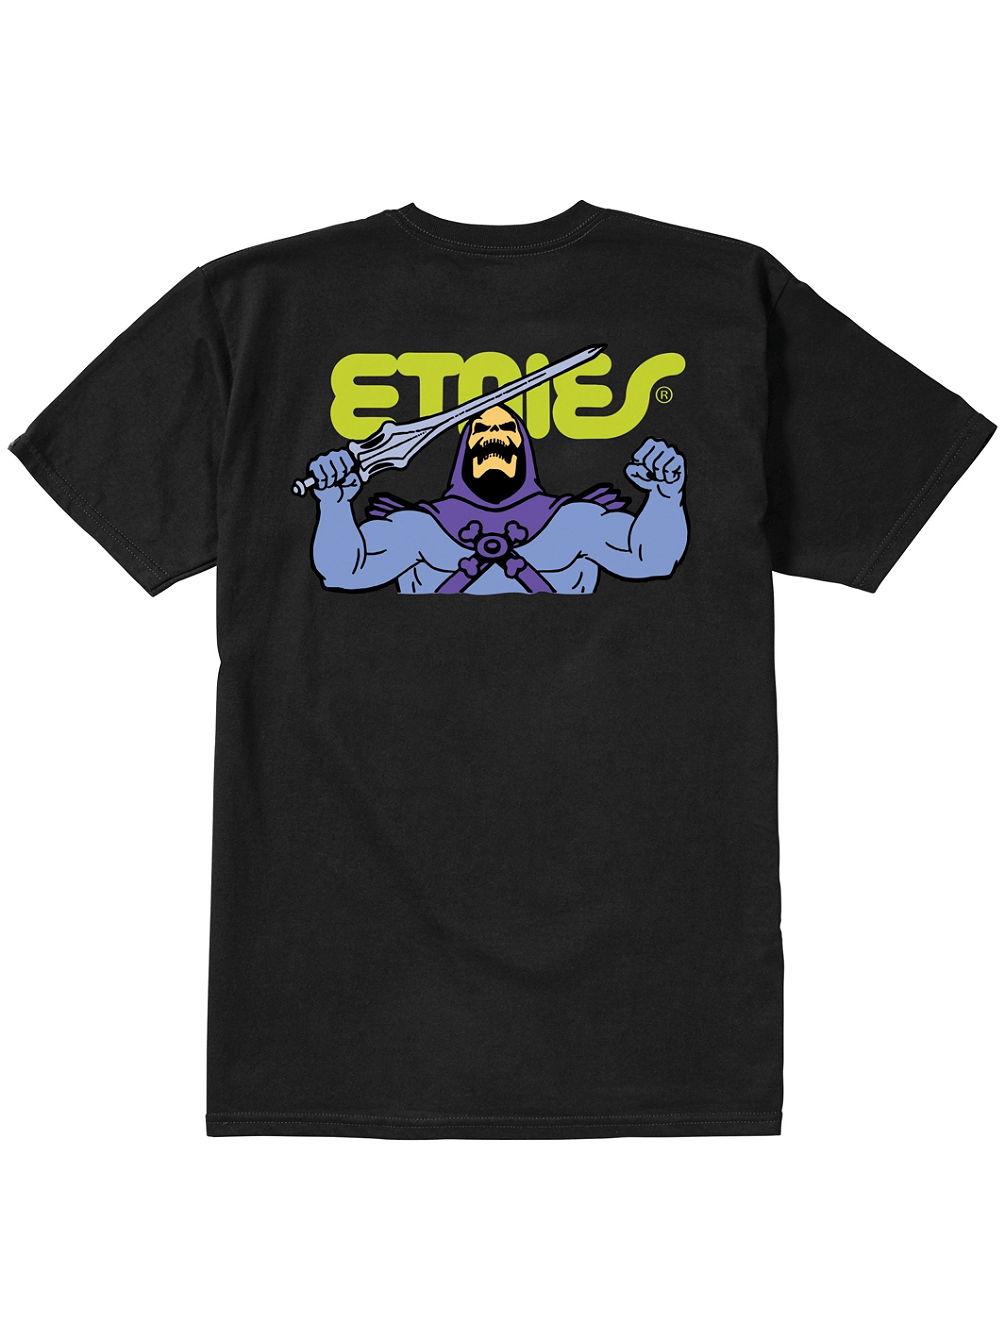 zakupy dostępność w Wielkiej Brytanii różnie Mighty Sword T-Shirt